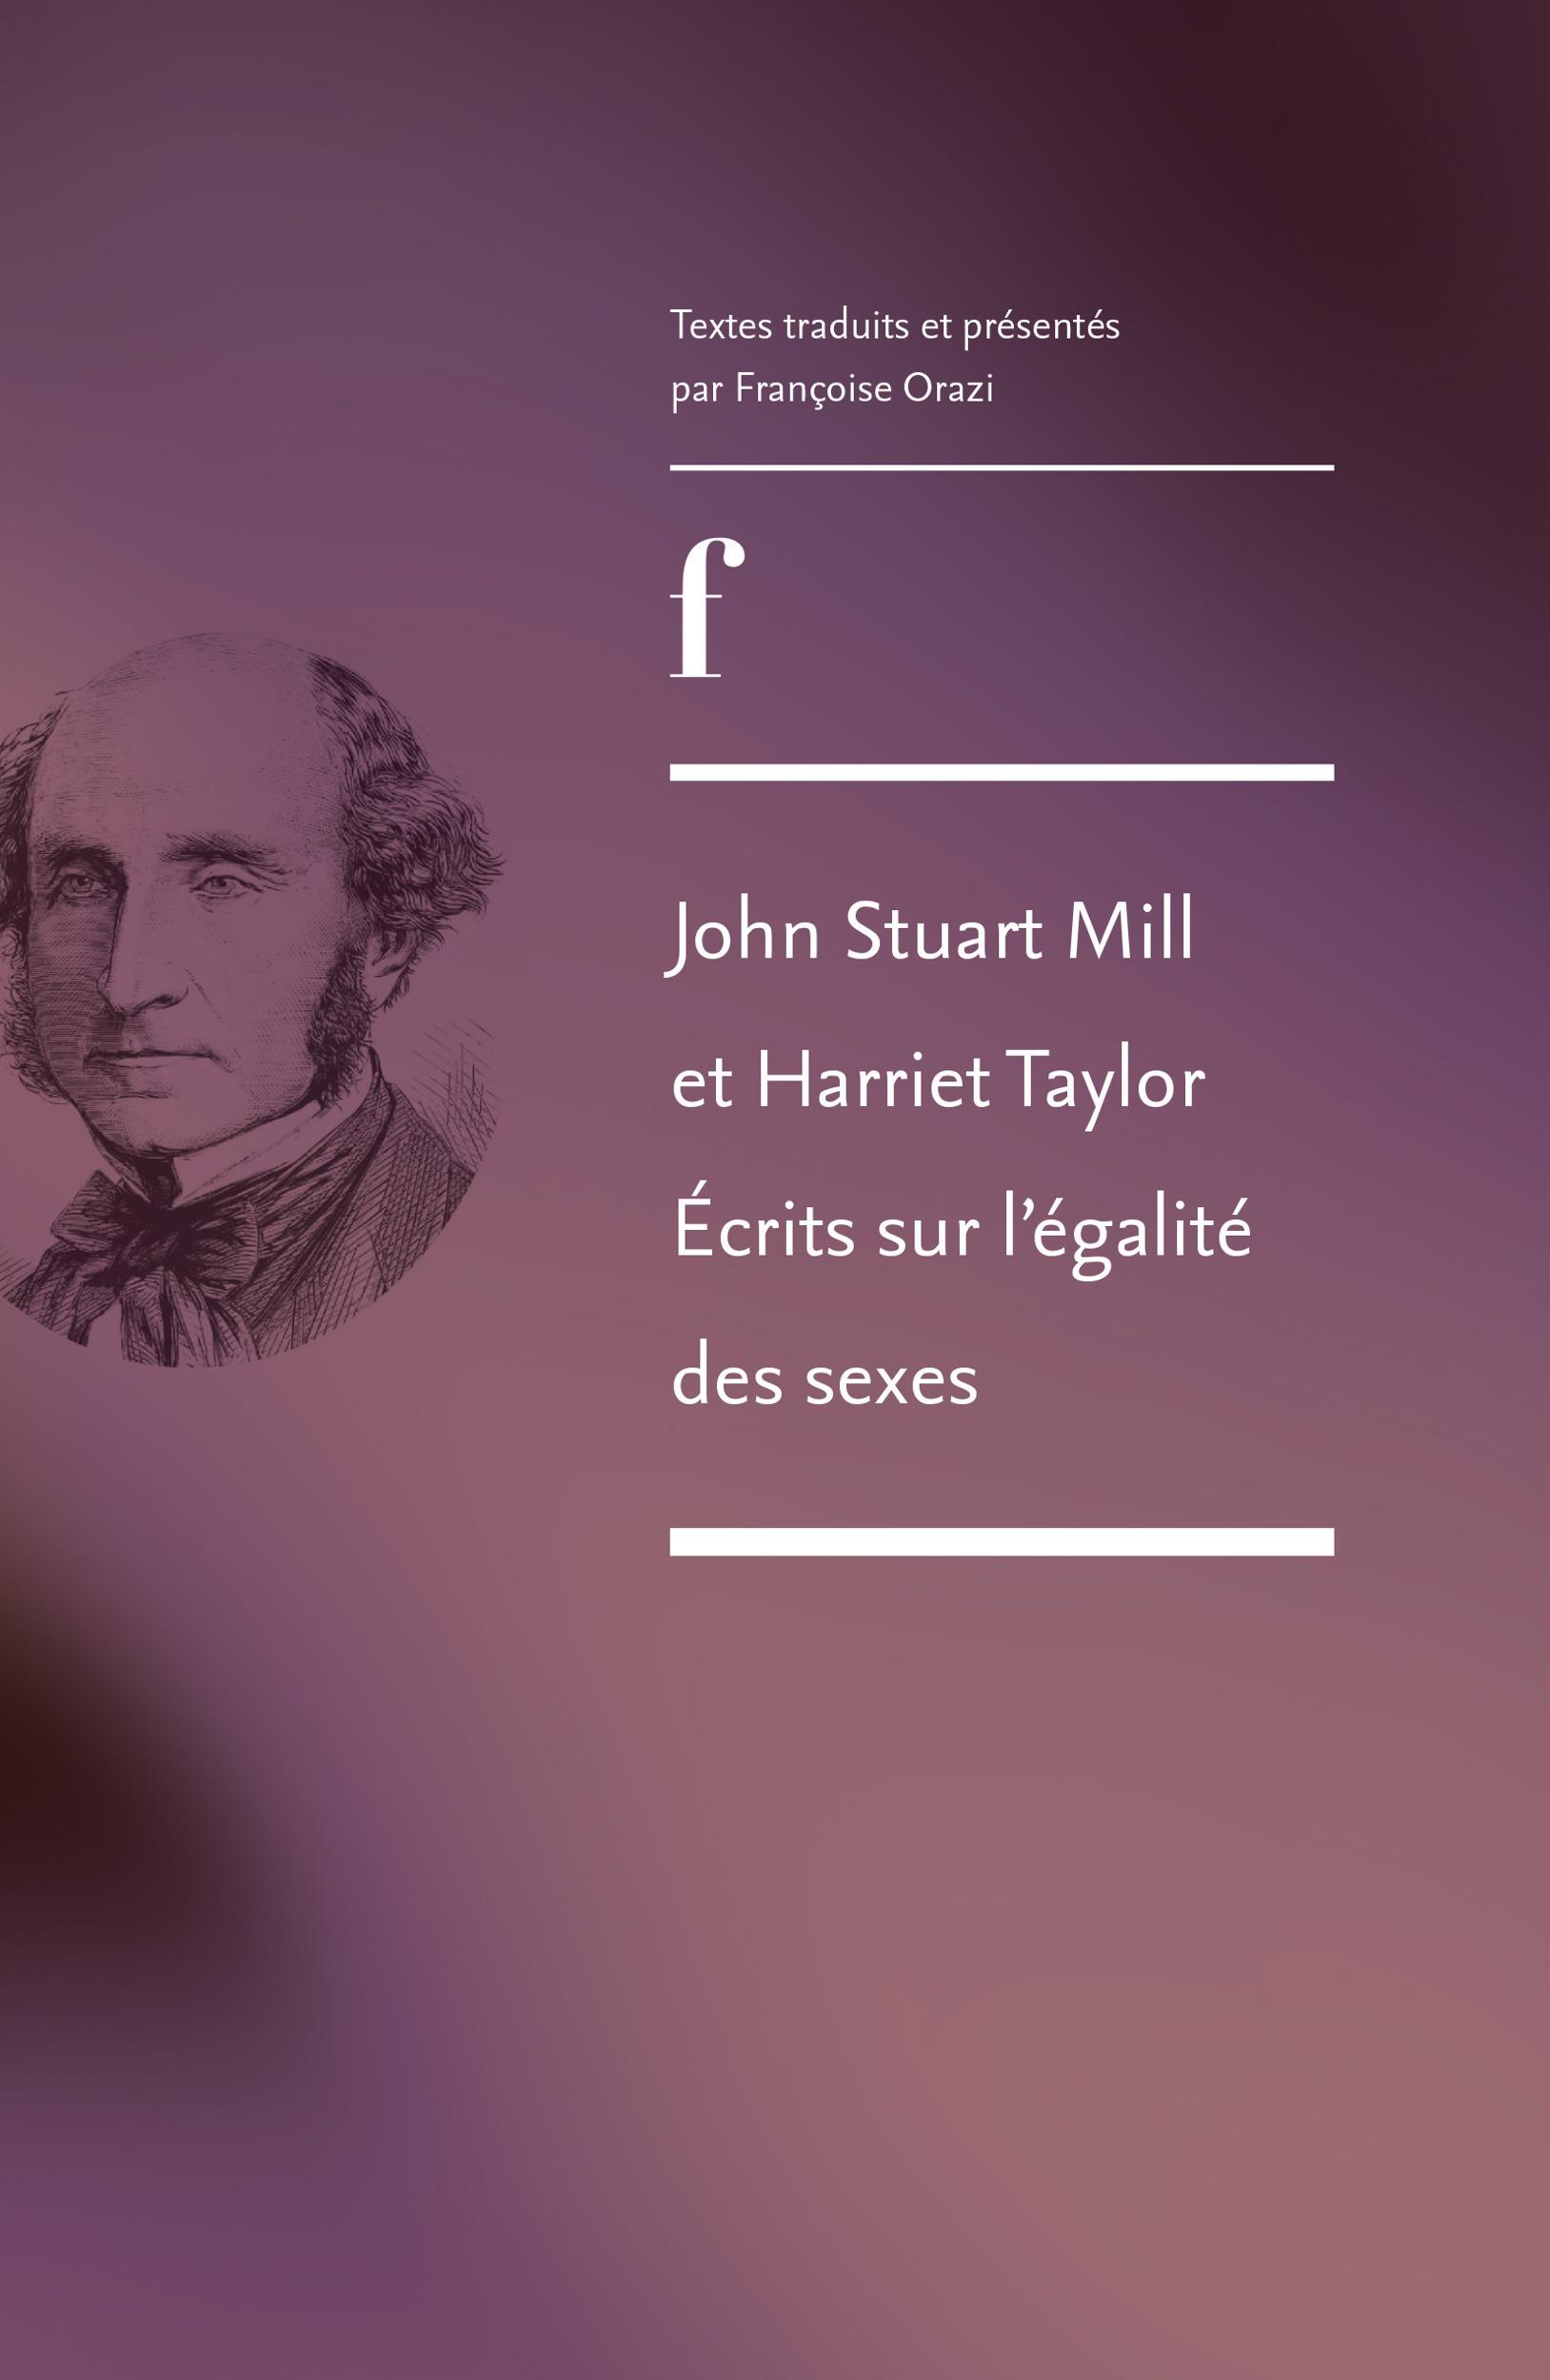 John Stuart Mill et Harriet Taylor ; écrits sur l'égalité des sexes